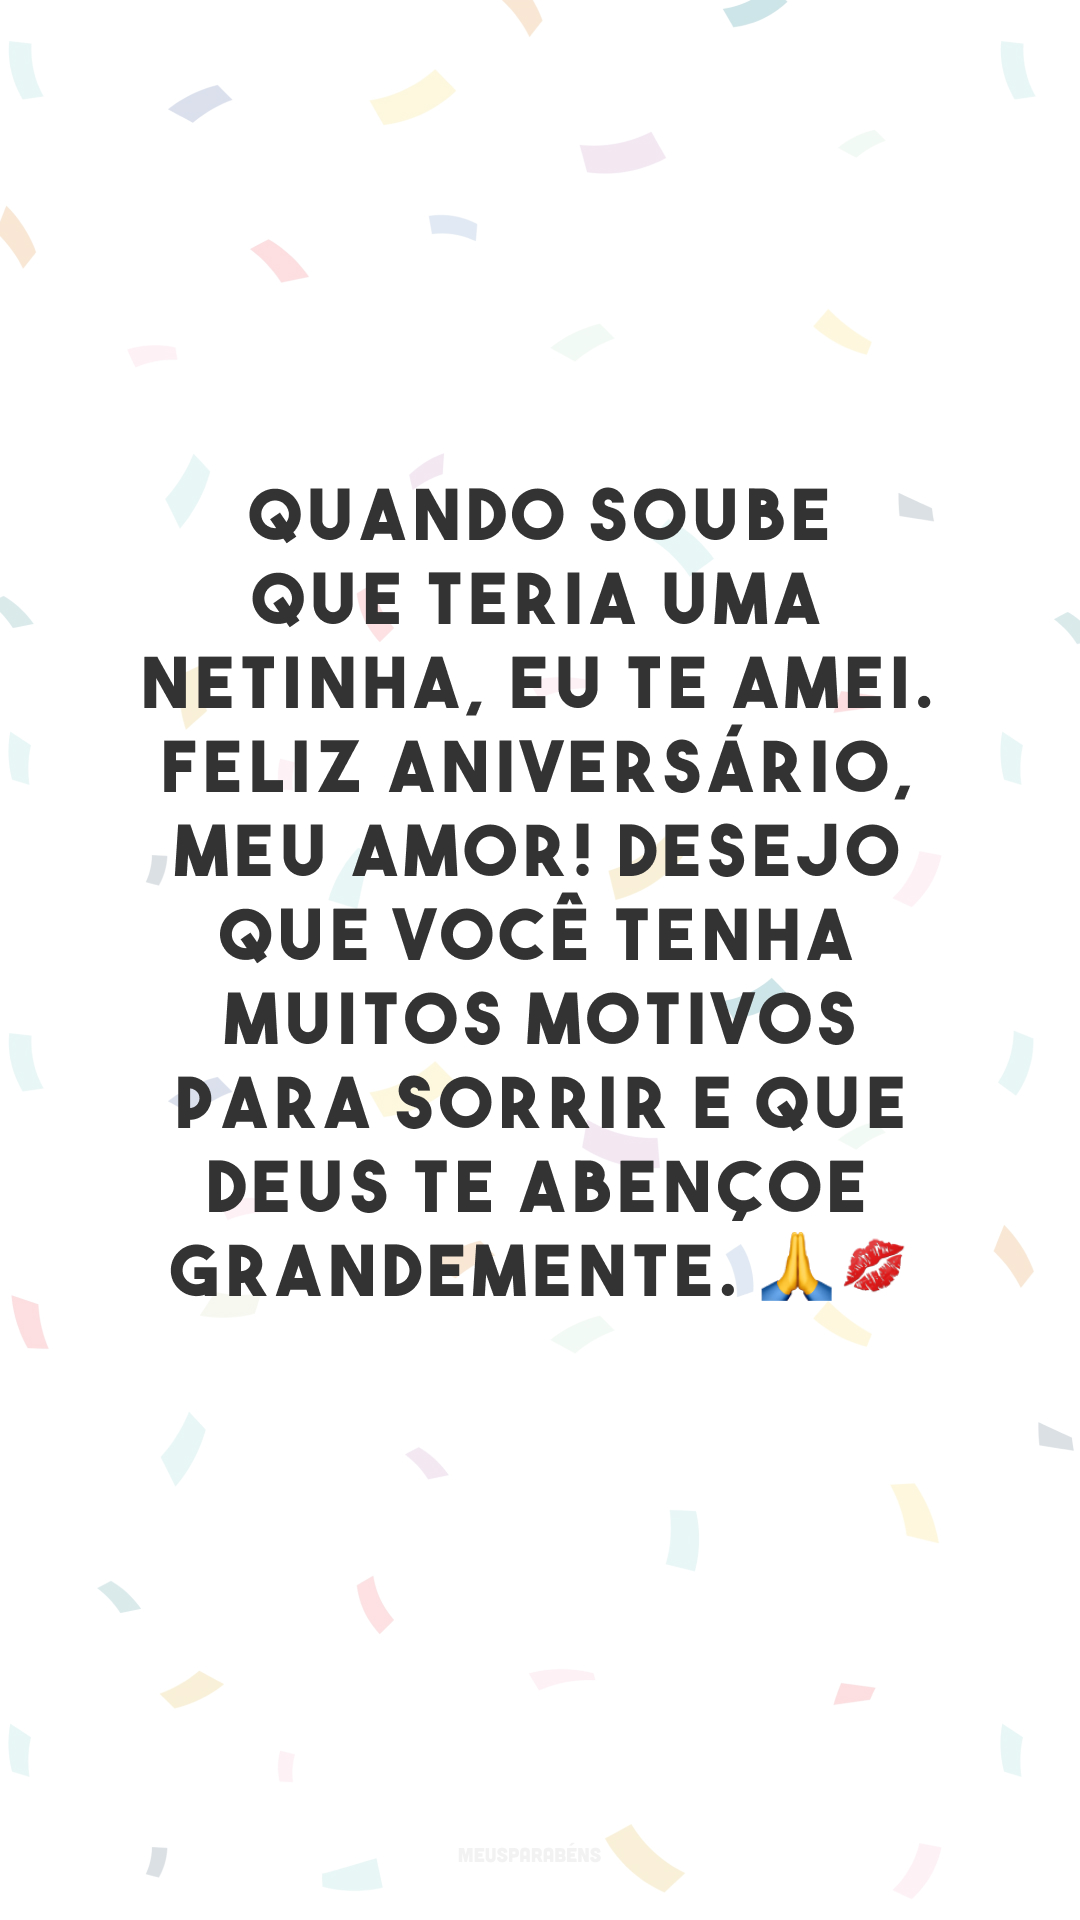 Quando soube que teria uma netinha, eu te amei. Feliz aniversário, meu amor! Desejo que você tenha muitos motivos para sorrir e que Deus te abençoe grandemente. 🙏💋